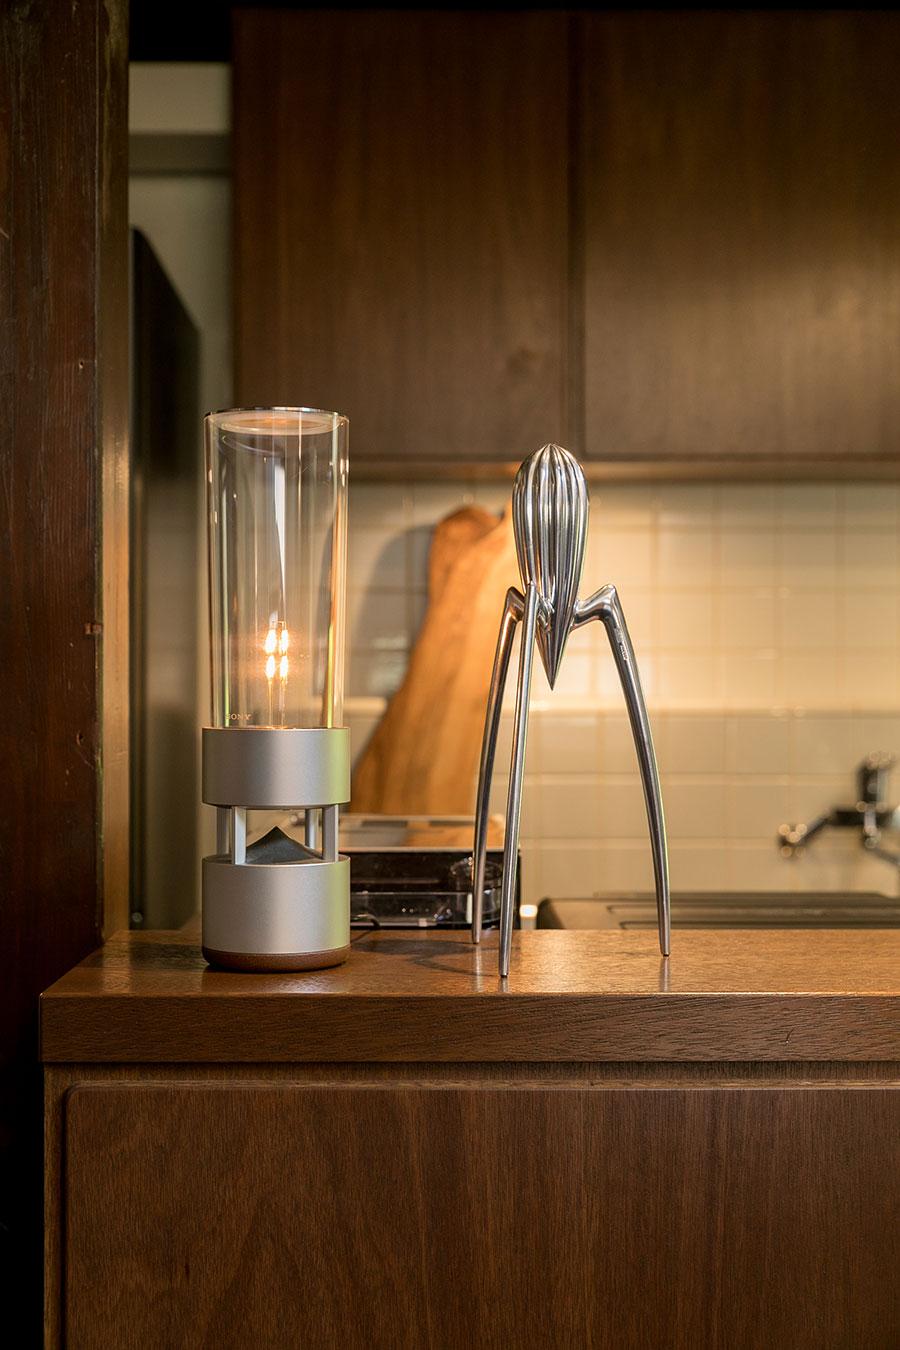 シルバーカラーの組み合わせ。キッチンのカウンターでは、『SONY』のグラスサウンドスピーカーがお出迎えしてくれる。隣に置いたフィリップ・スタルクのレモンスクイーザーの近未来フォルムとよく似合う。